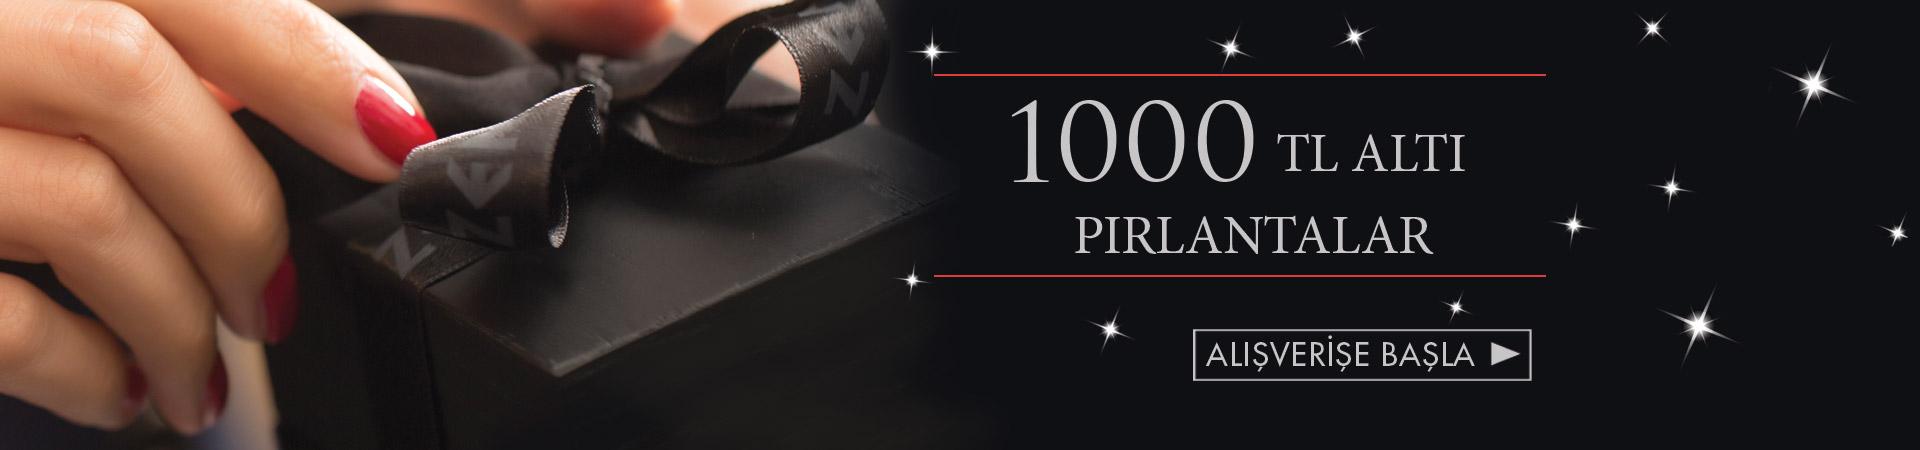 1000 TL Altı Pırlantalar